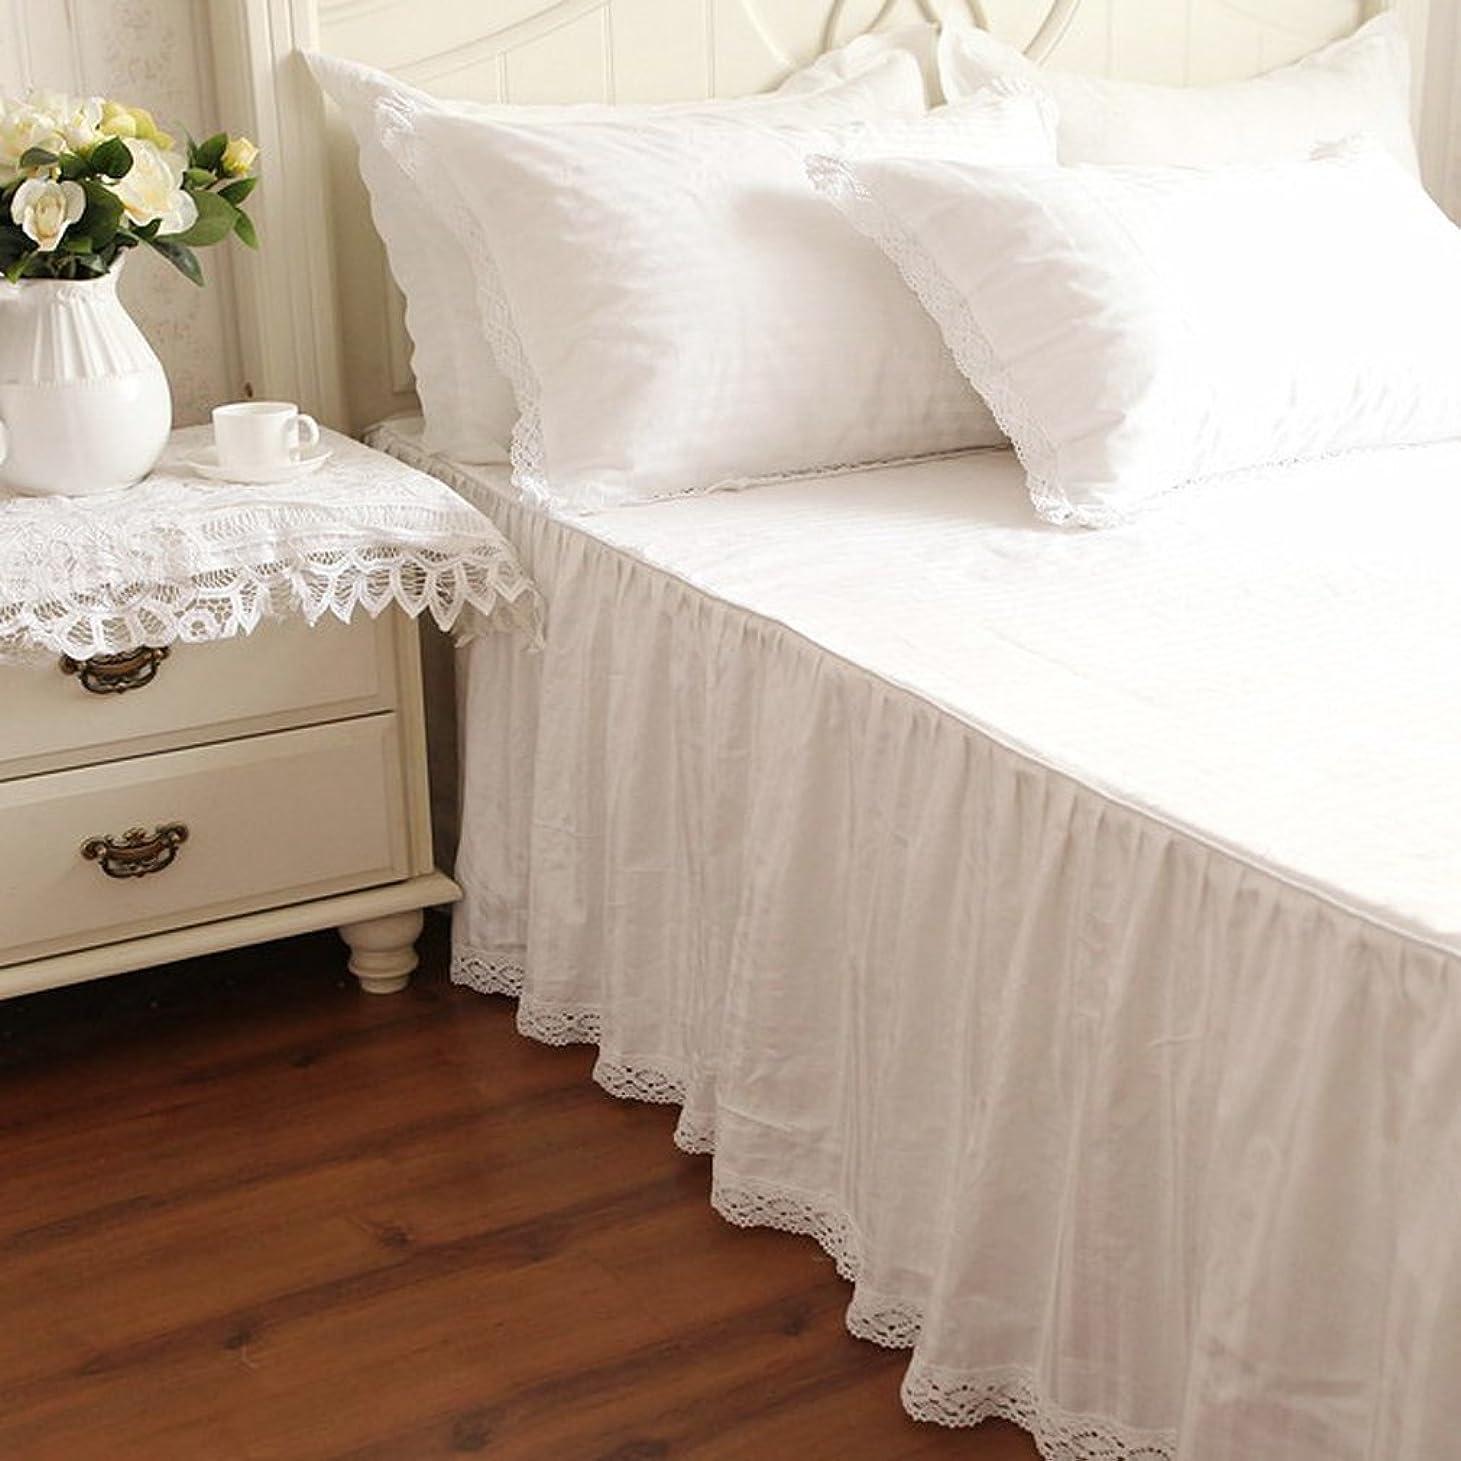 本品種女性綿100% レース付き ホワイト無地ベッドスカート シングル